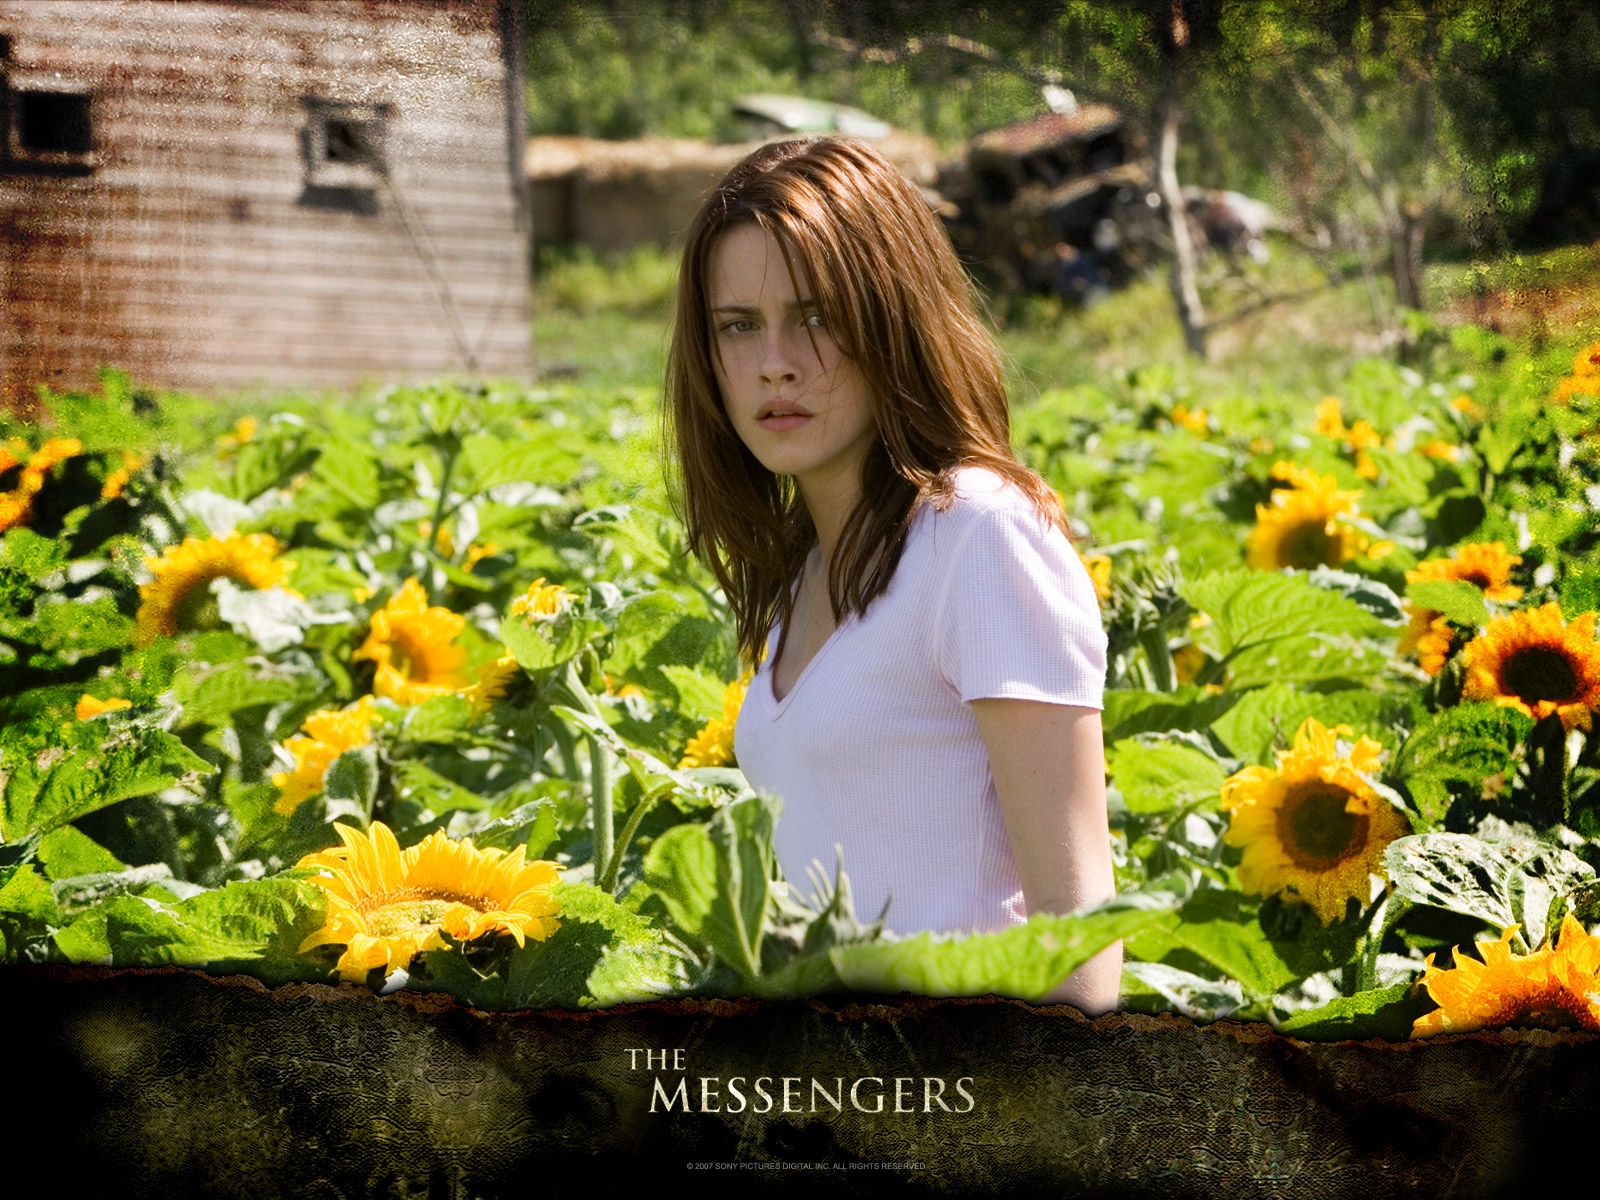 Wallpaper Cinema Video Kristen Stewart The Messengers tournesol